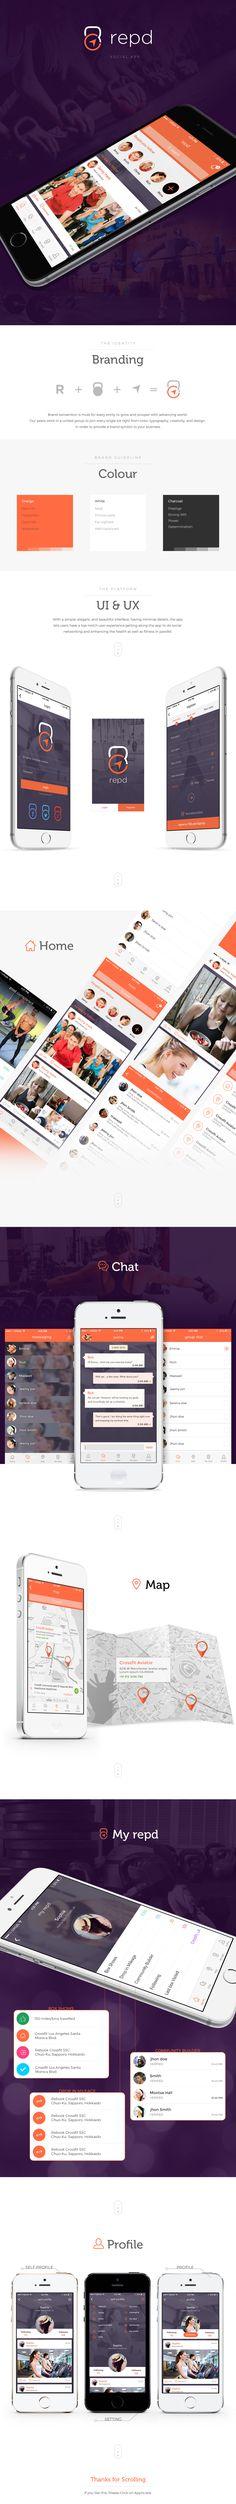 Fitness Social App on Behance